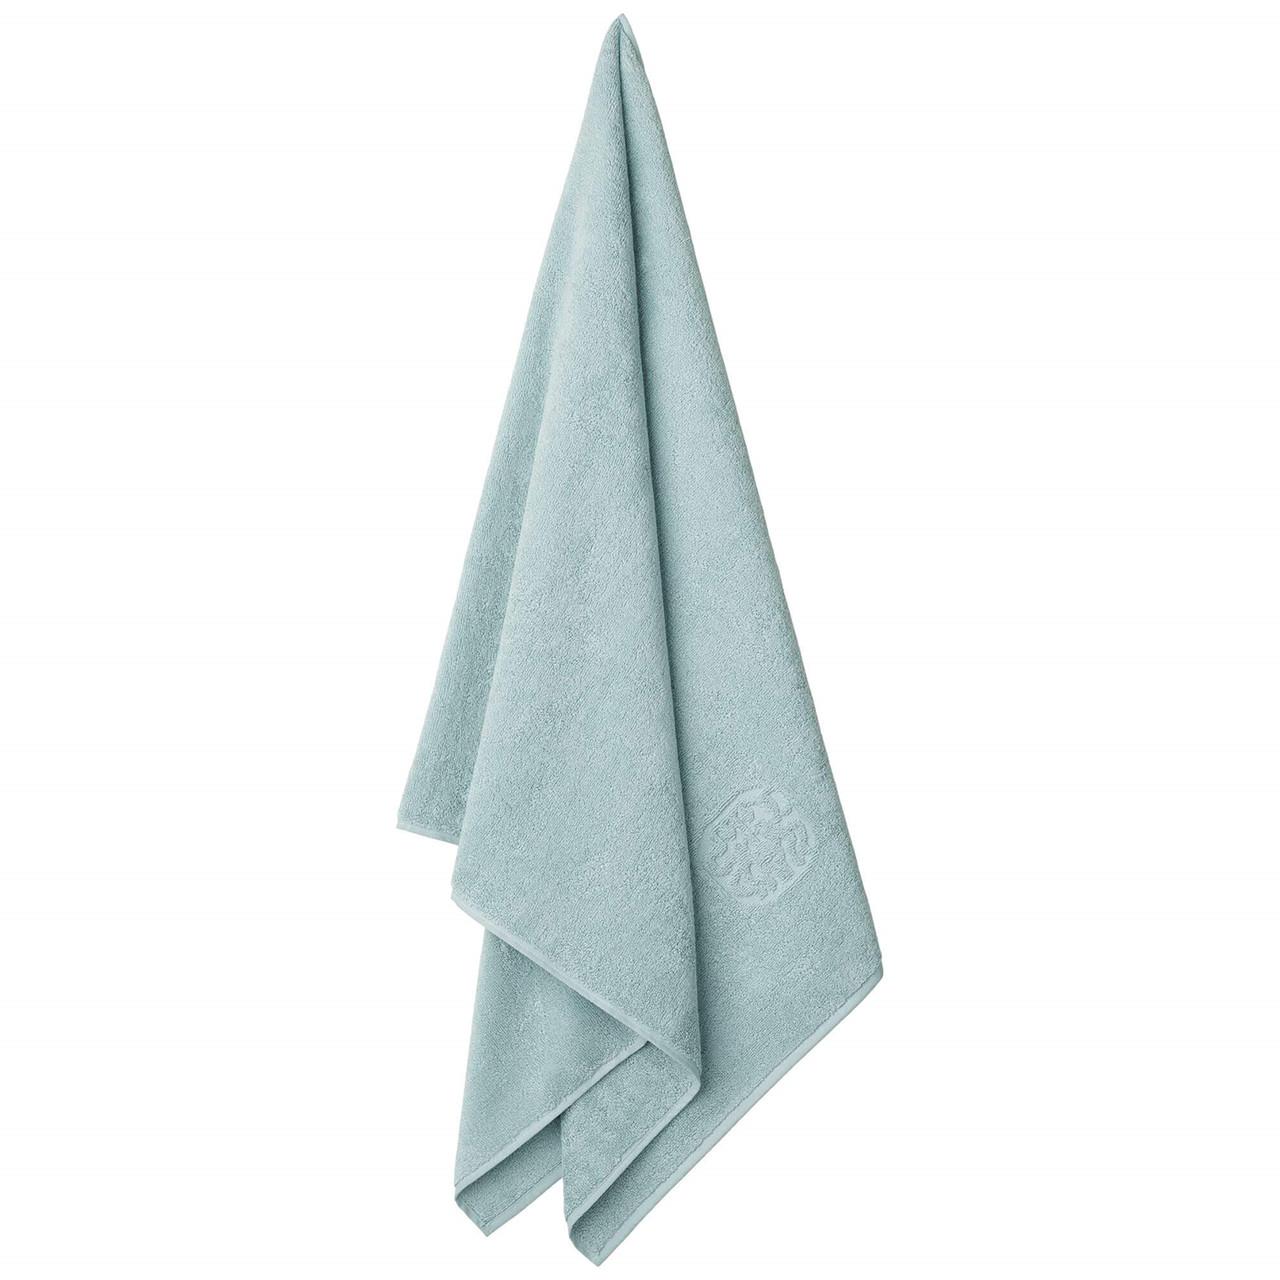 Badehåndklæder Horisont